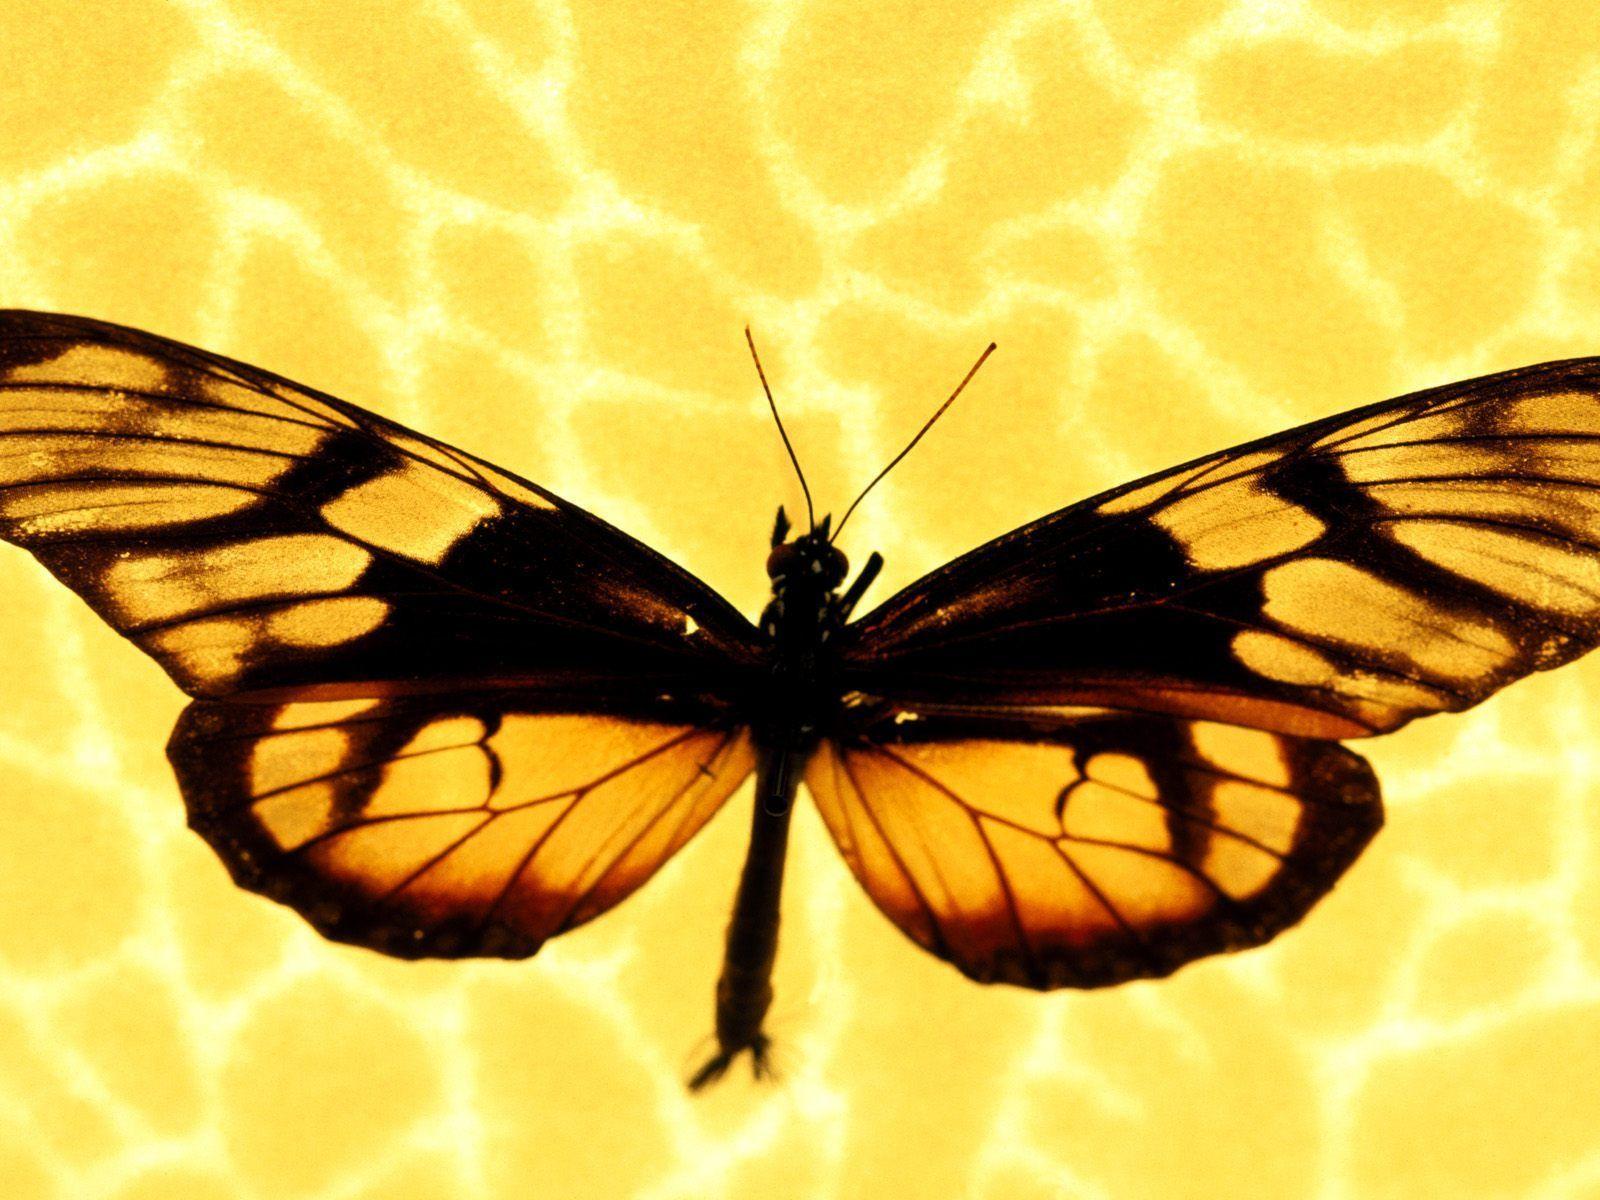 fonds d ecran oiseaux insectes et papillons. Black Bedroom Furniture Sets. Home Design Ideas